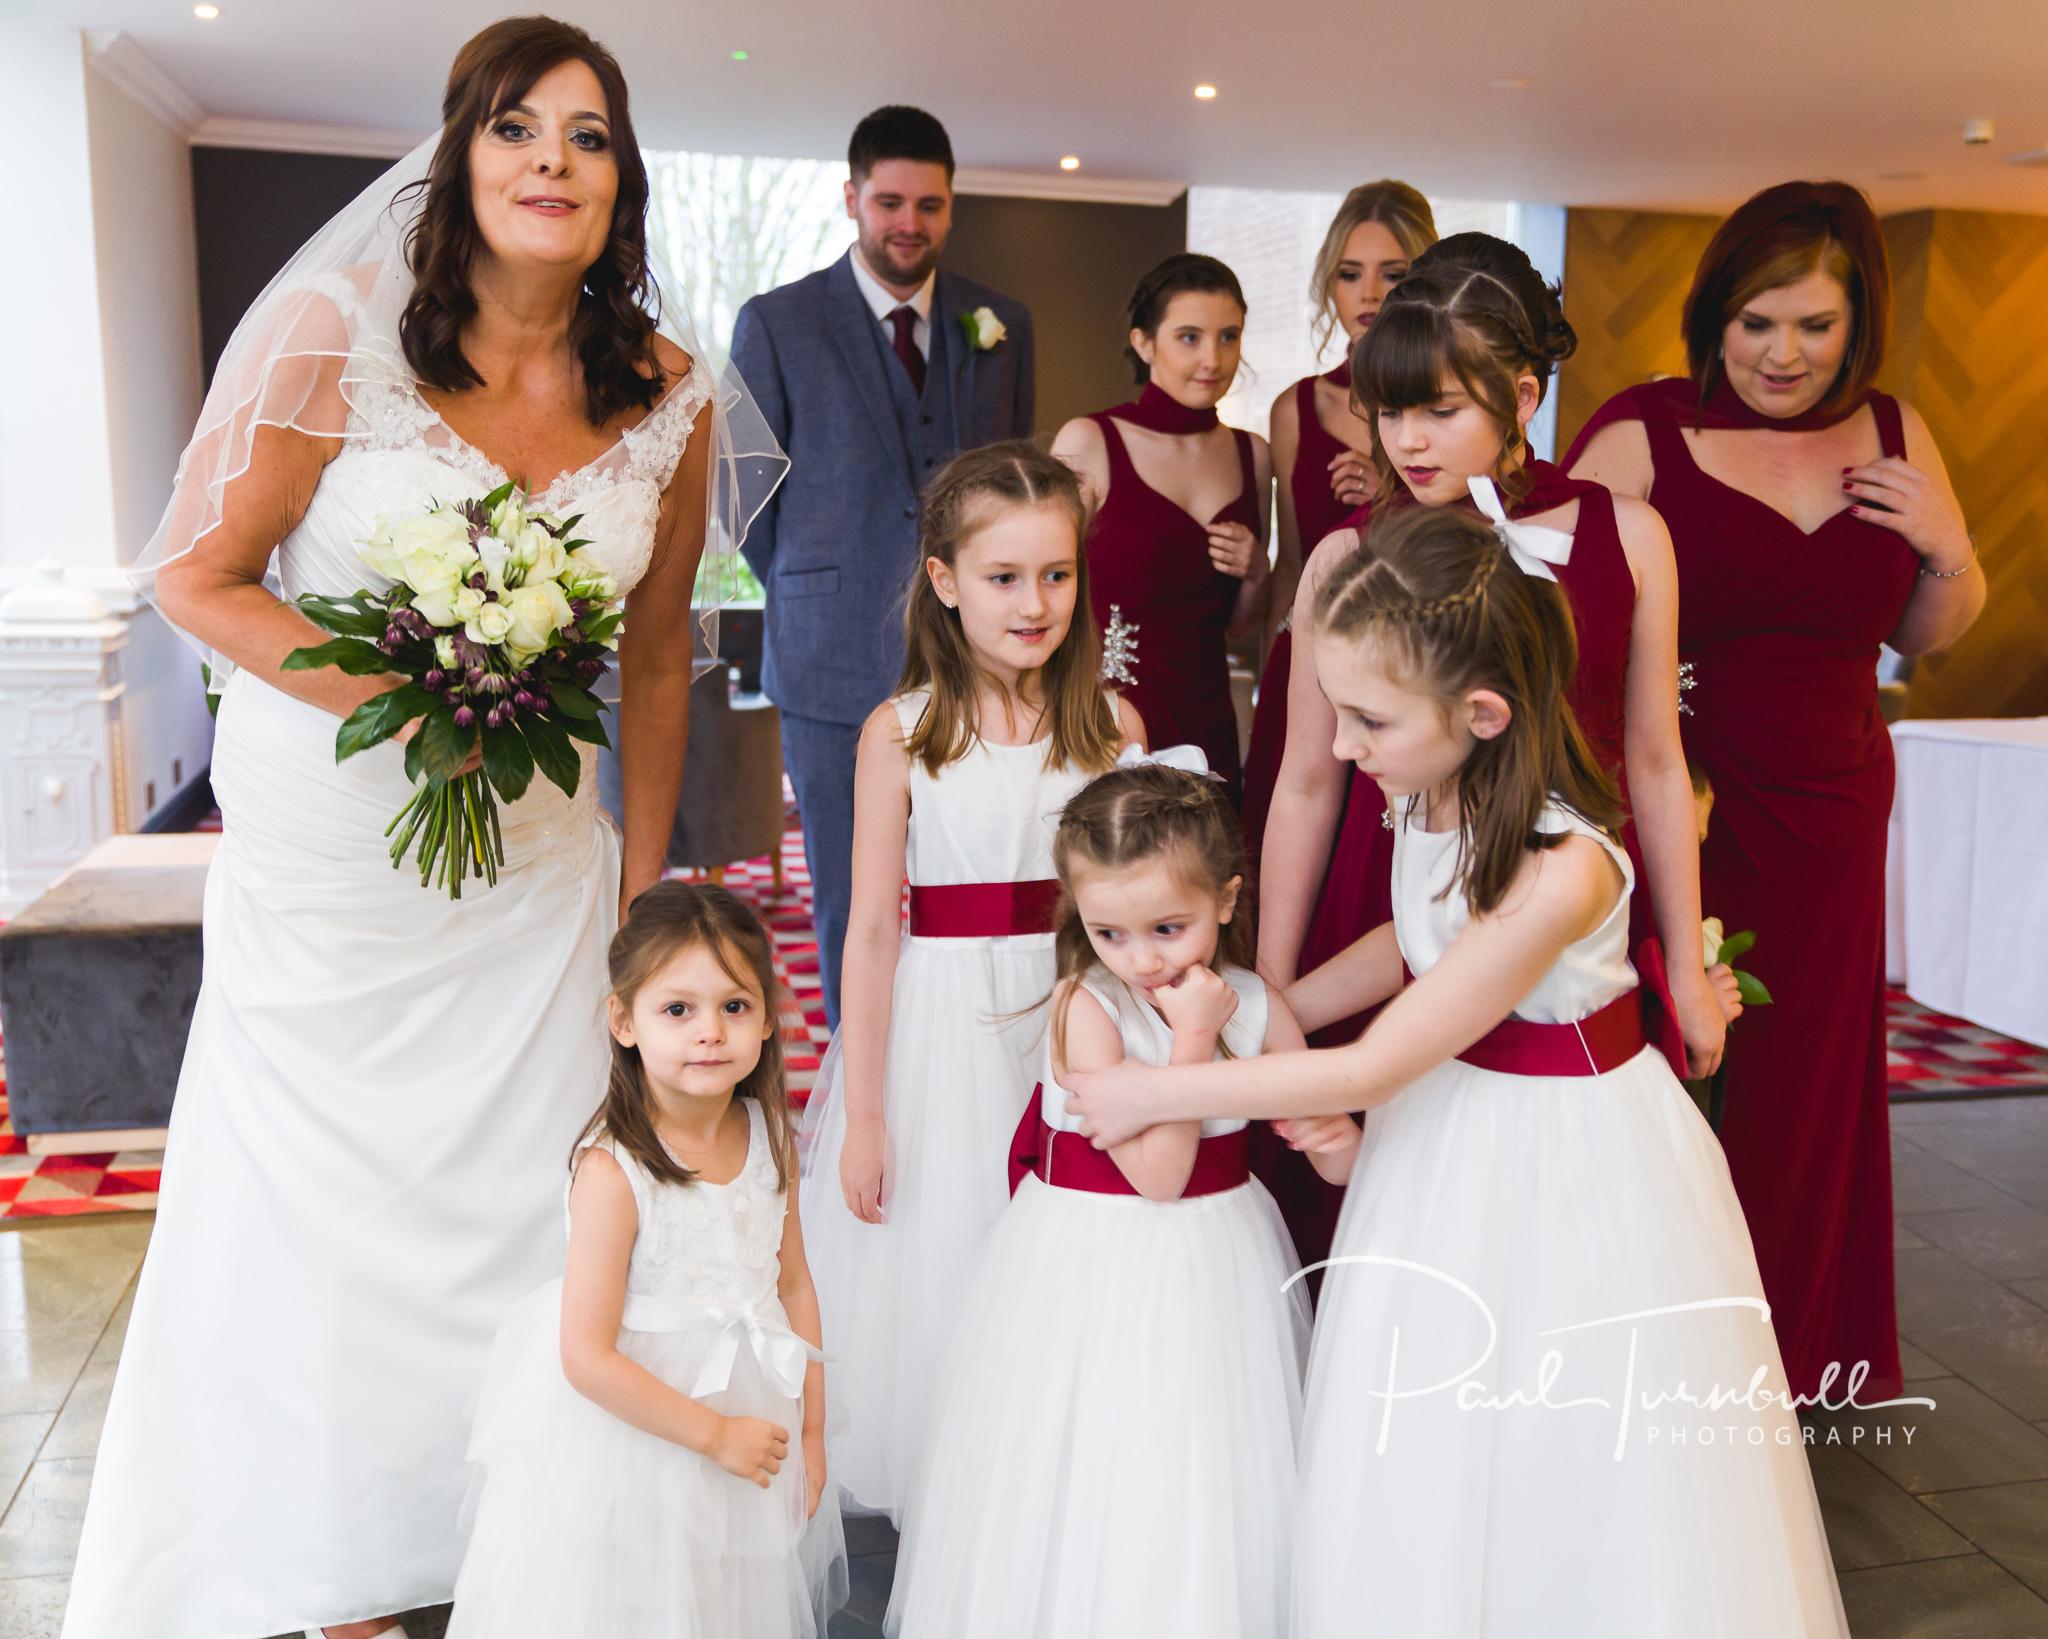 wedding-photographer-leeds-holiday-inn-garforth-023.jpg